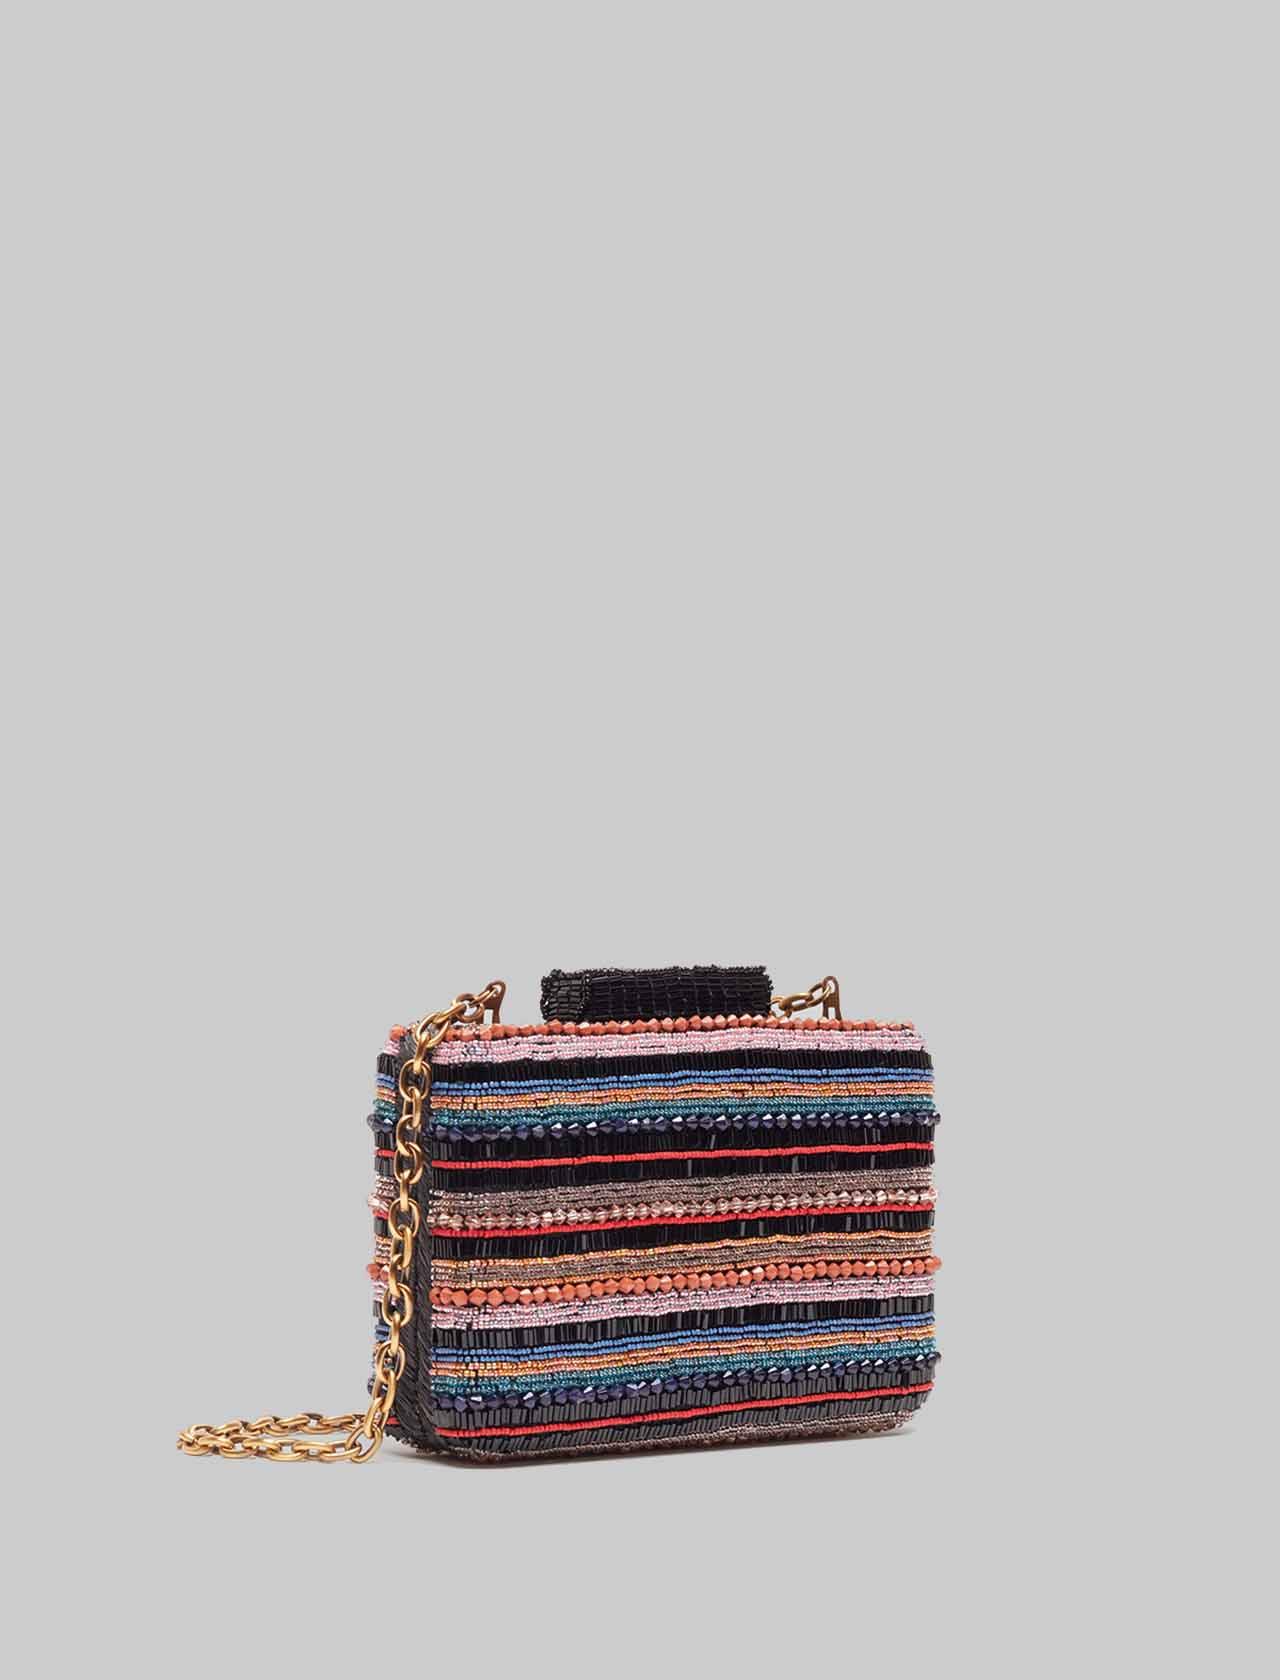 Borsa Donna Clutch con Tracolla a Catena Removibile Clutch Beads Stripes Nero Multicolore Maliparmi   Borse e zaini   BP00079076620B99